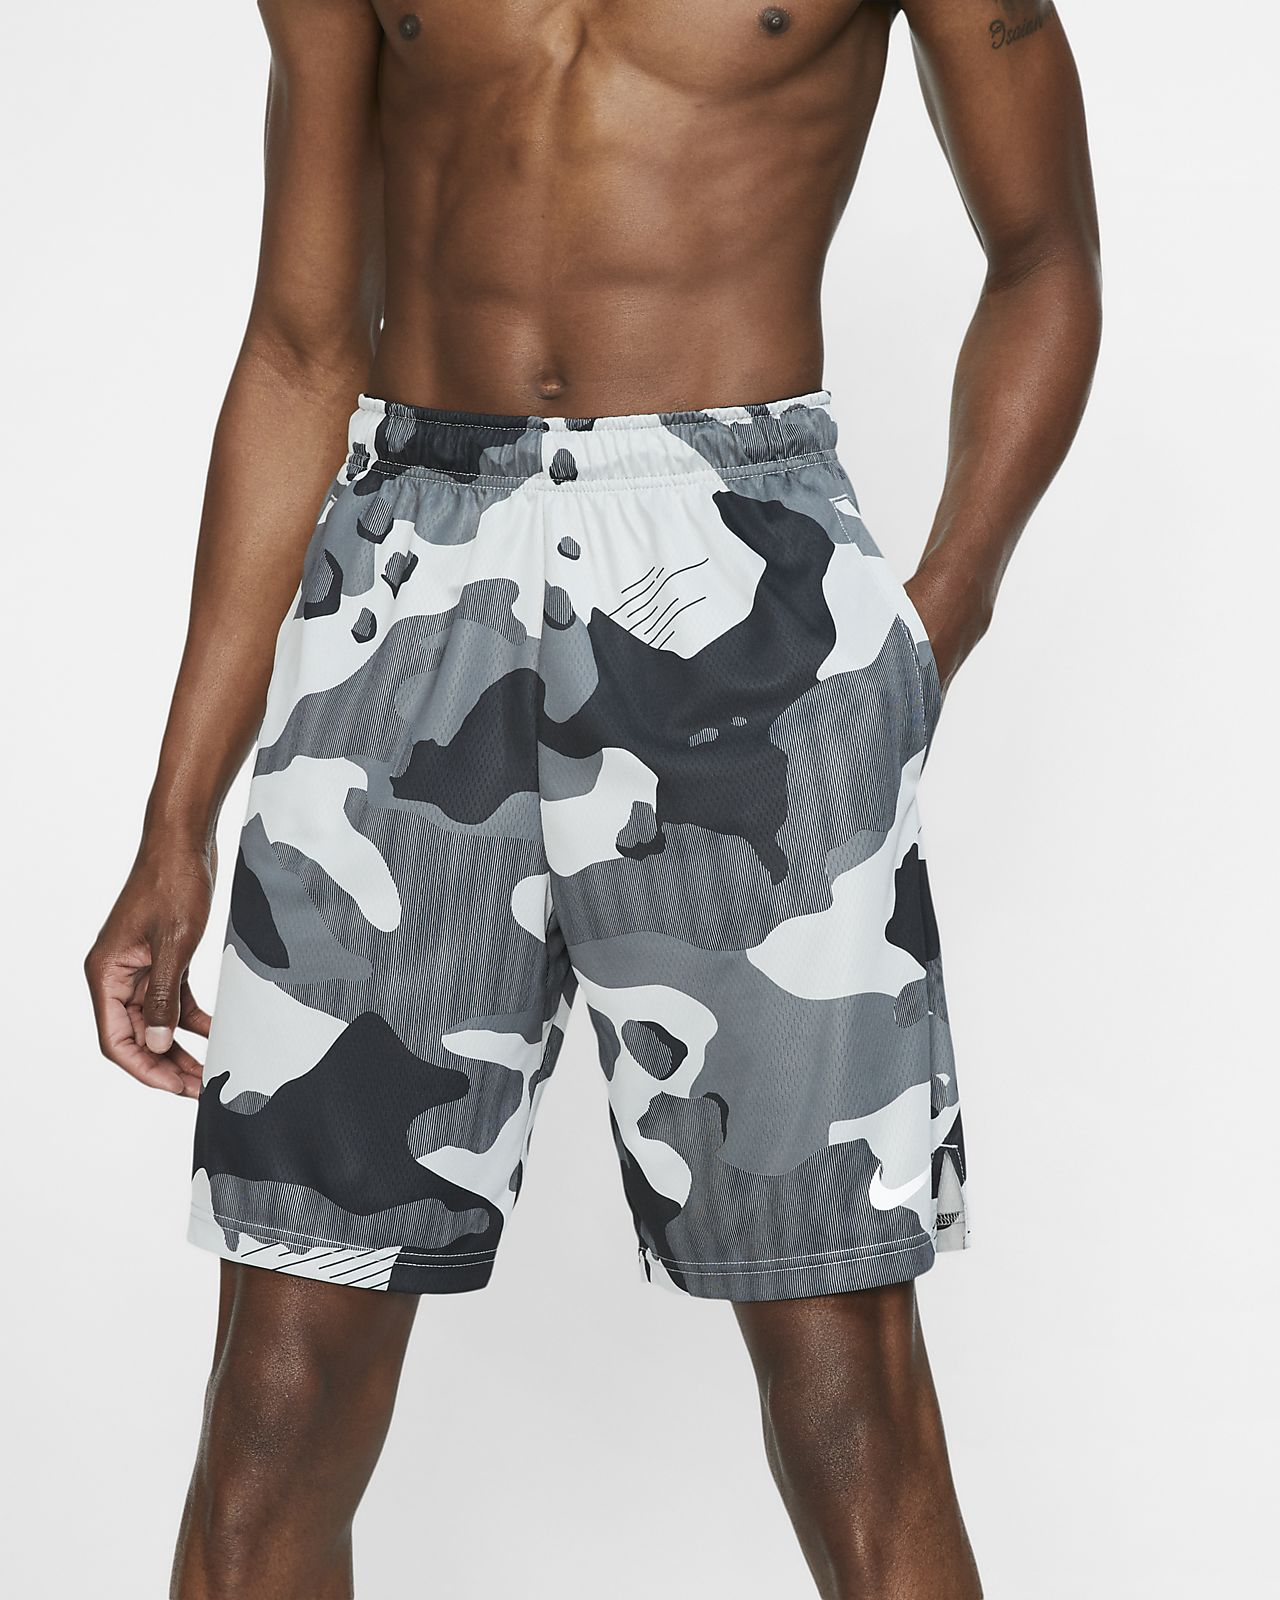 Nike Dri-FIT Pantalons curts de camuflatge d'entrenament - Home